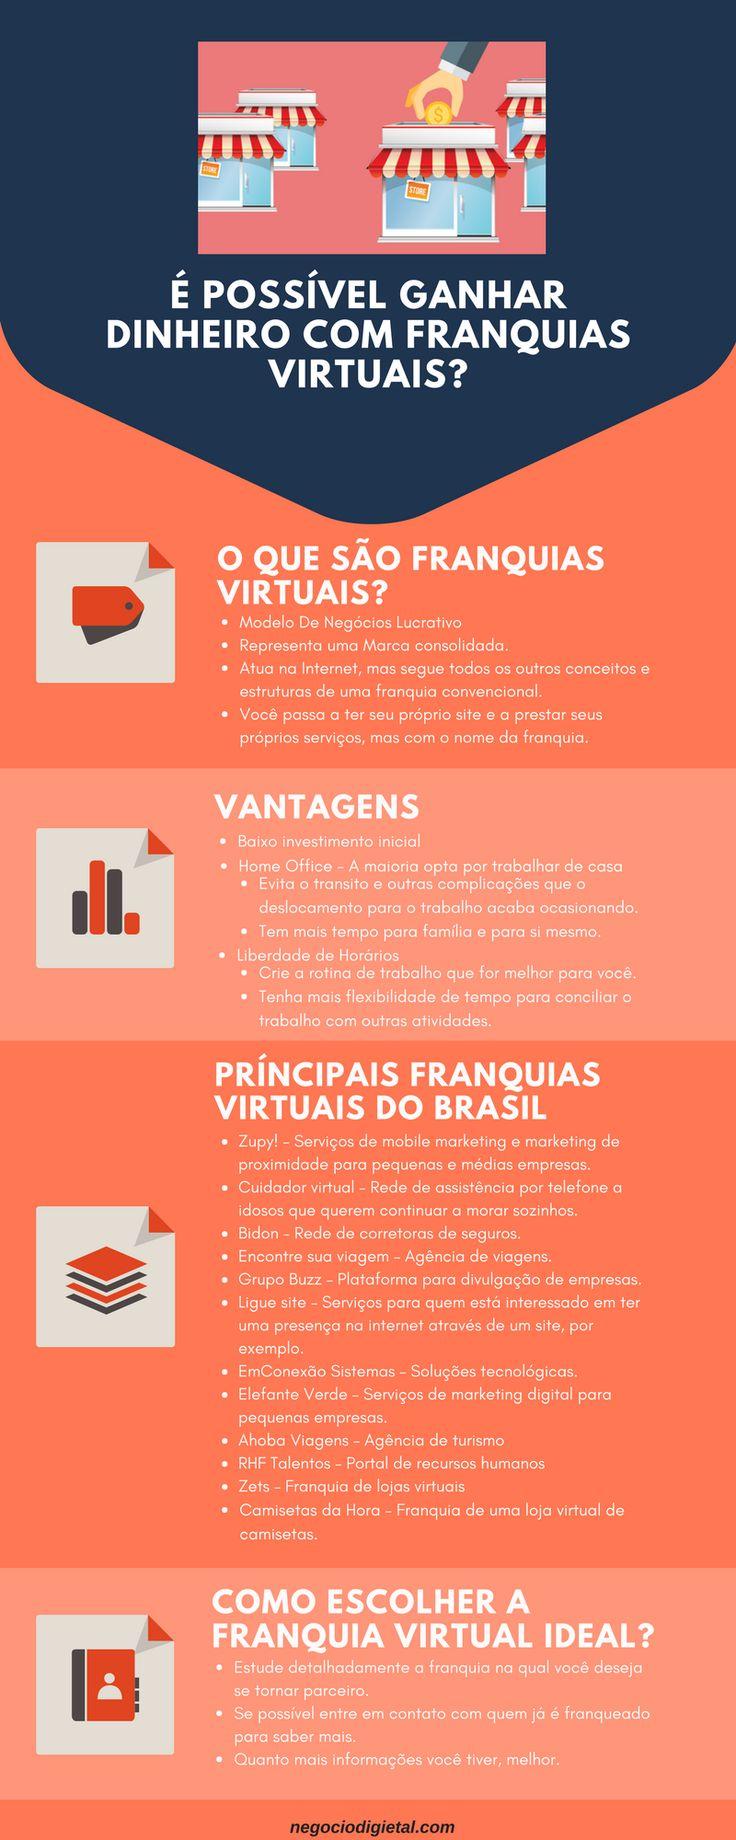 9 best negcio digital images on pinterest possvel ganhar dinheiro com franquias virtuais fandeluxe Image collections